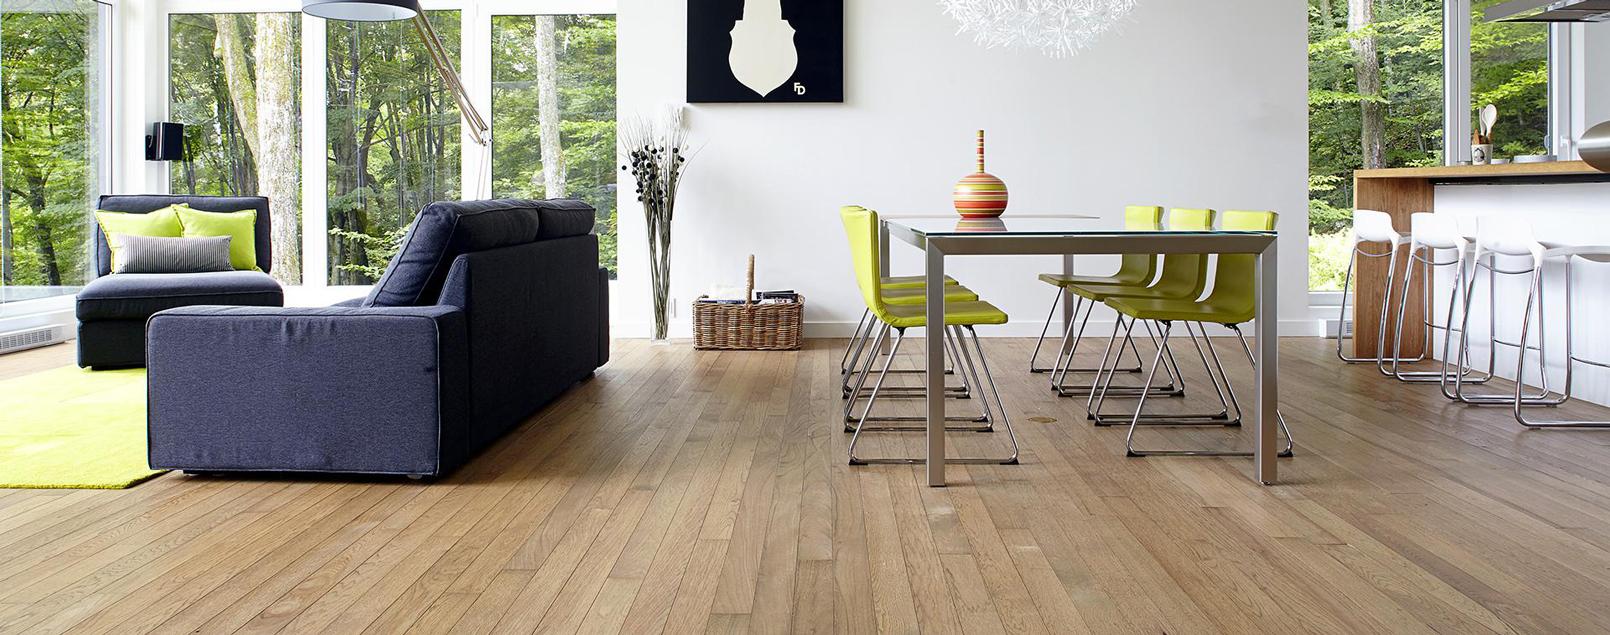 regular solid flooring